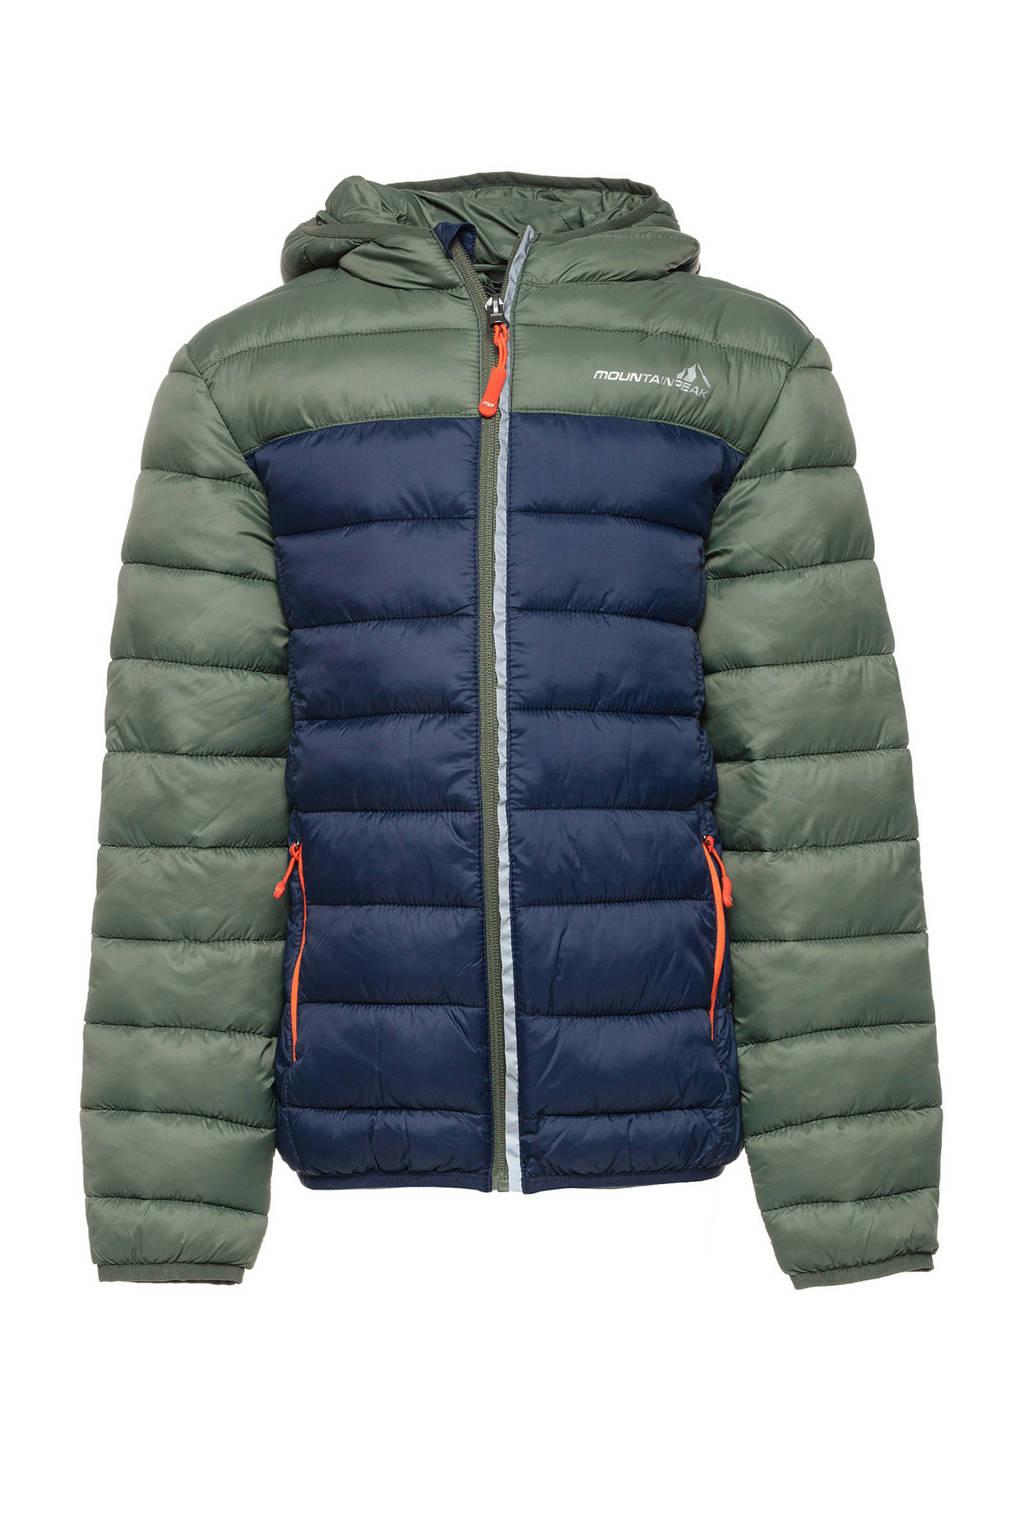 Mountain Peak jas groen/blauw, Blauw/groen